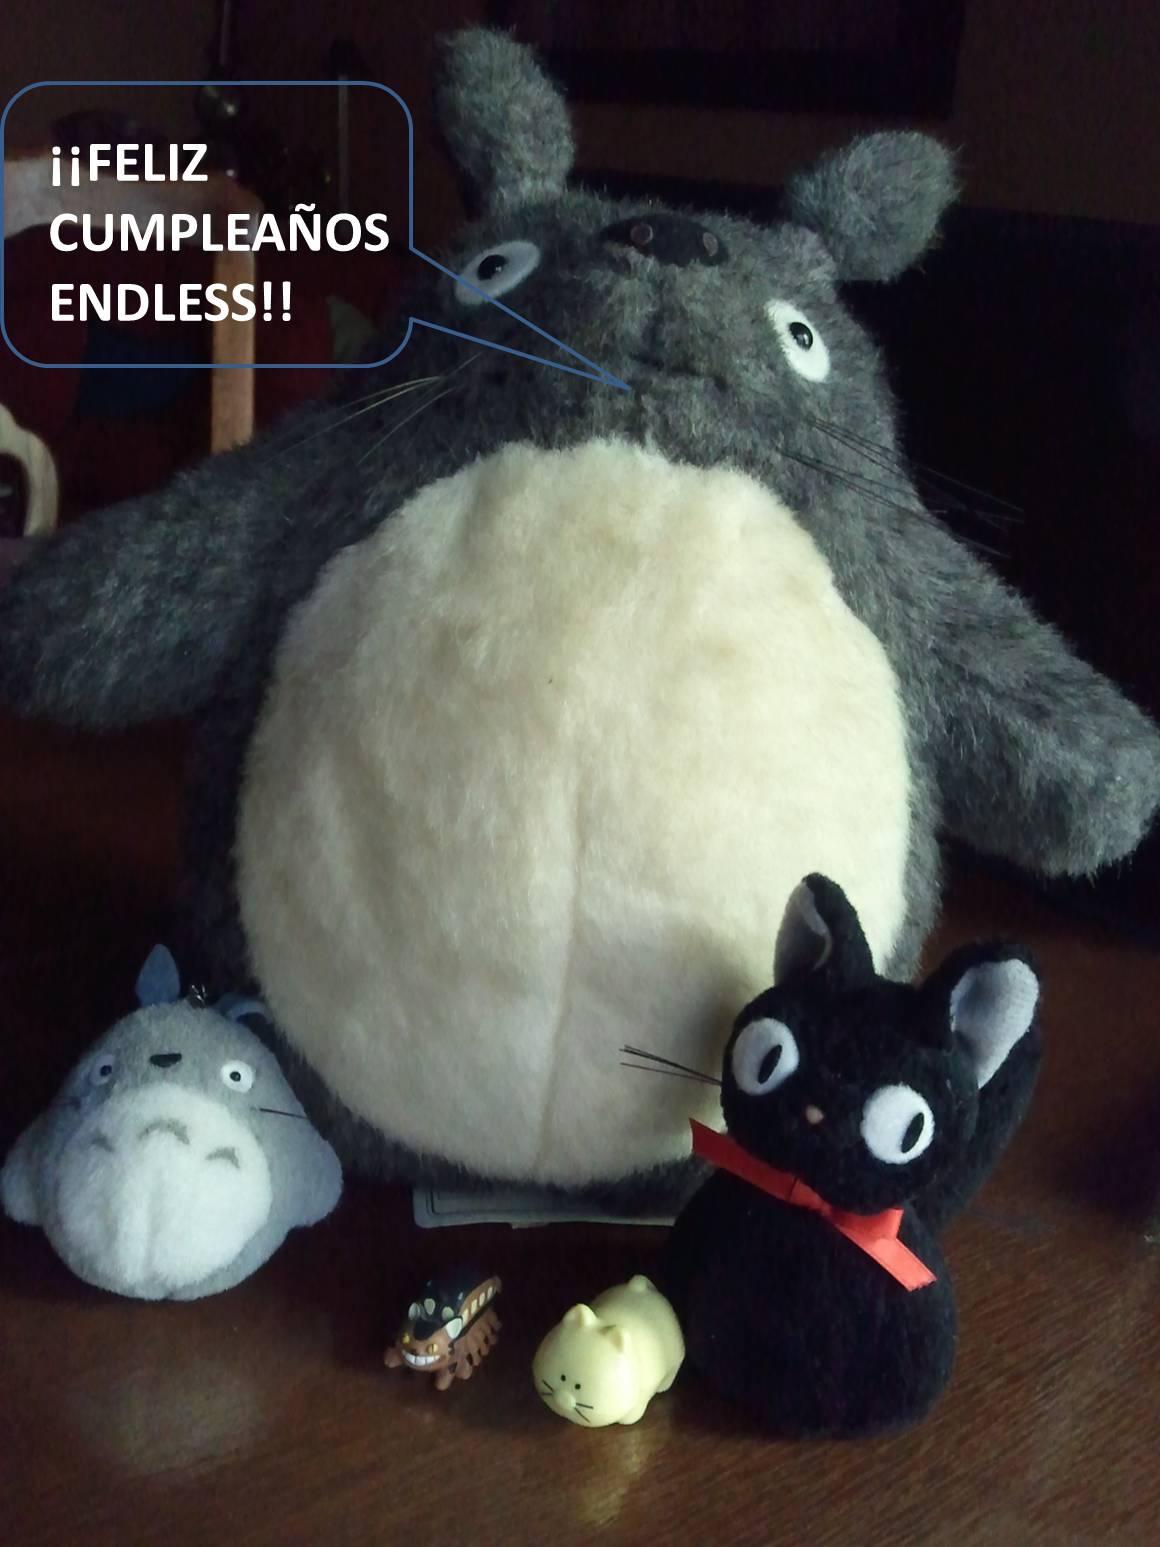 EL CUMPLEAÑOS DEL HUEVO FRITO MÁS ASOMBROSO DEL MUNDO Feliz-cumple-endless